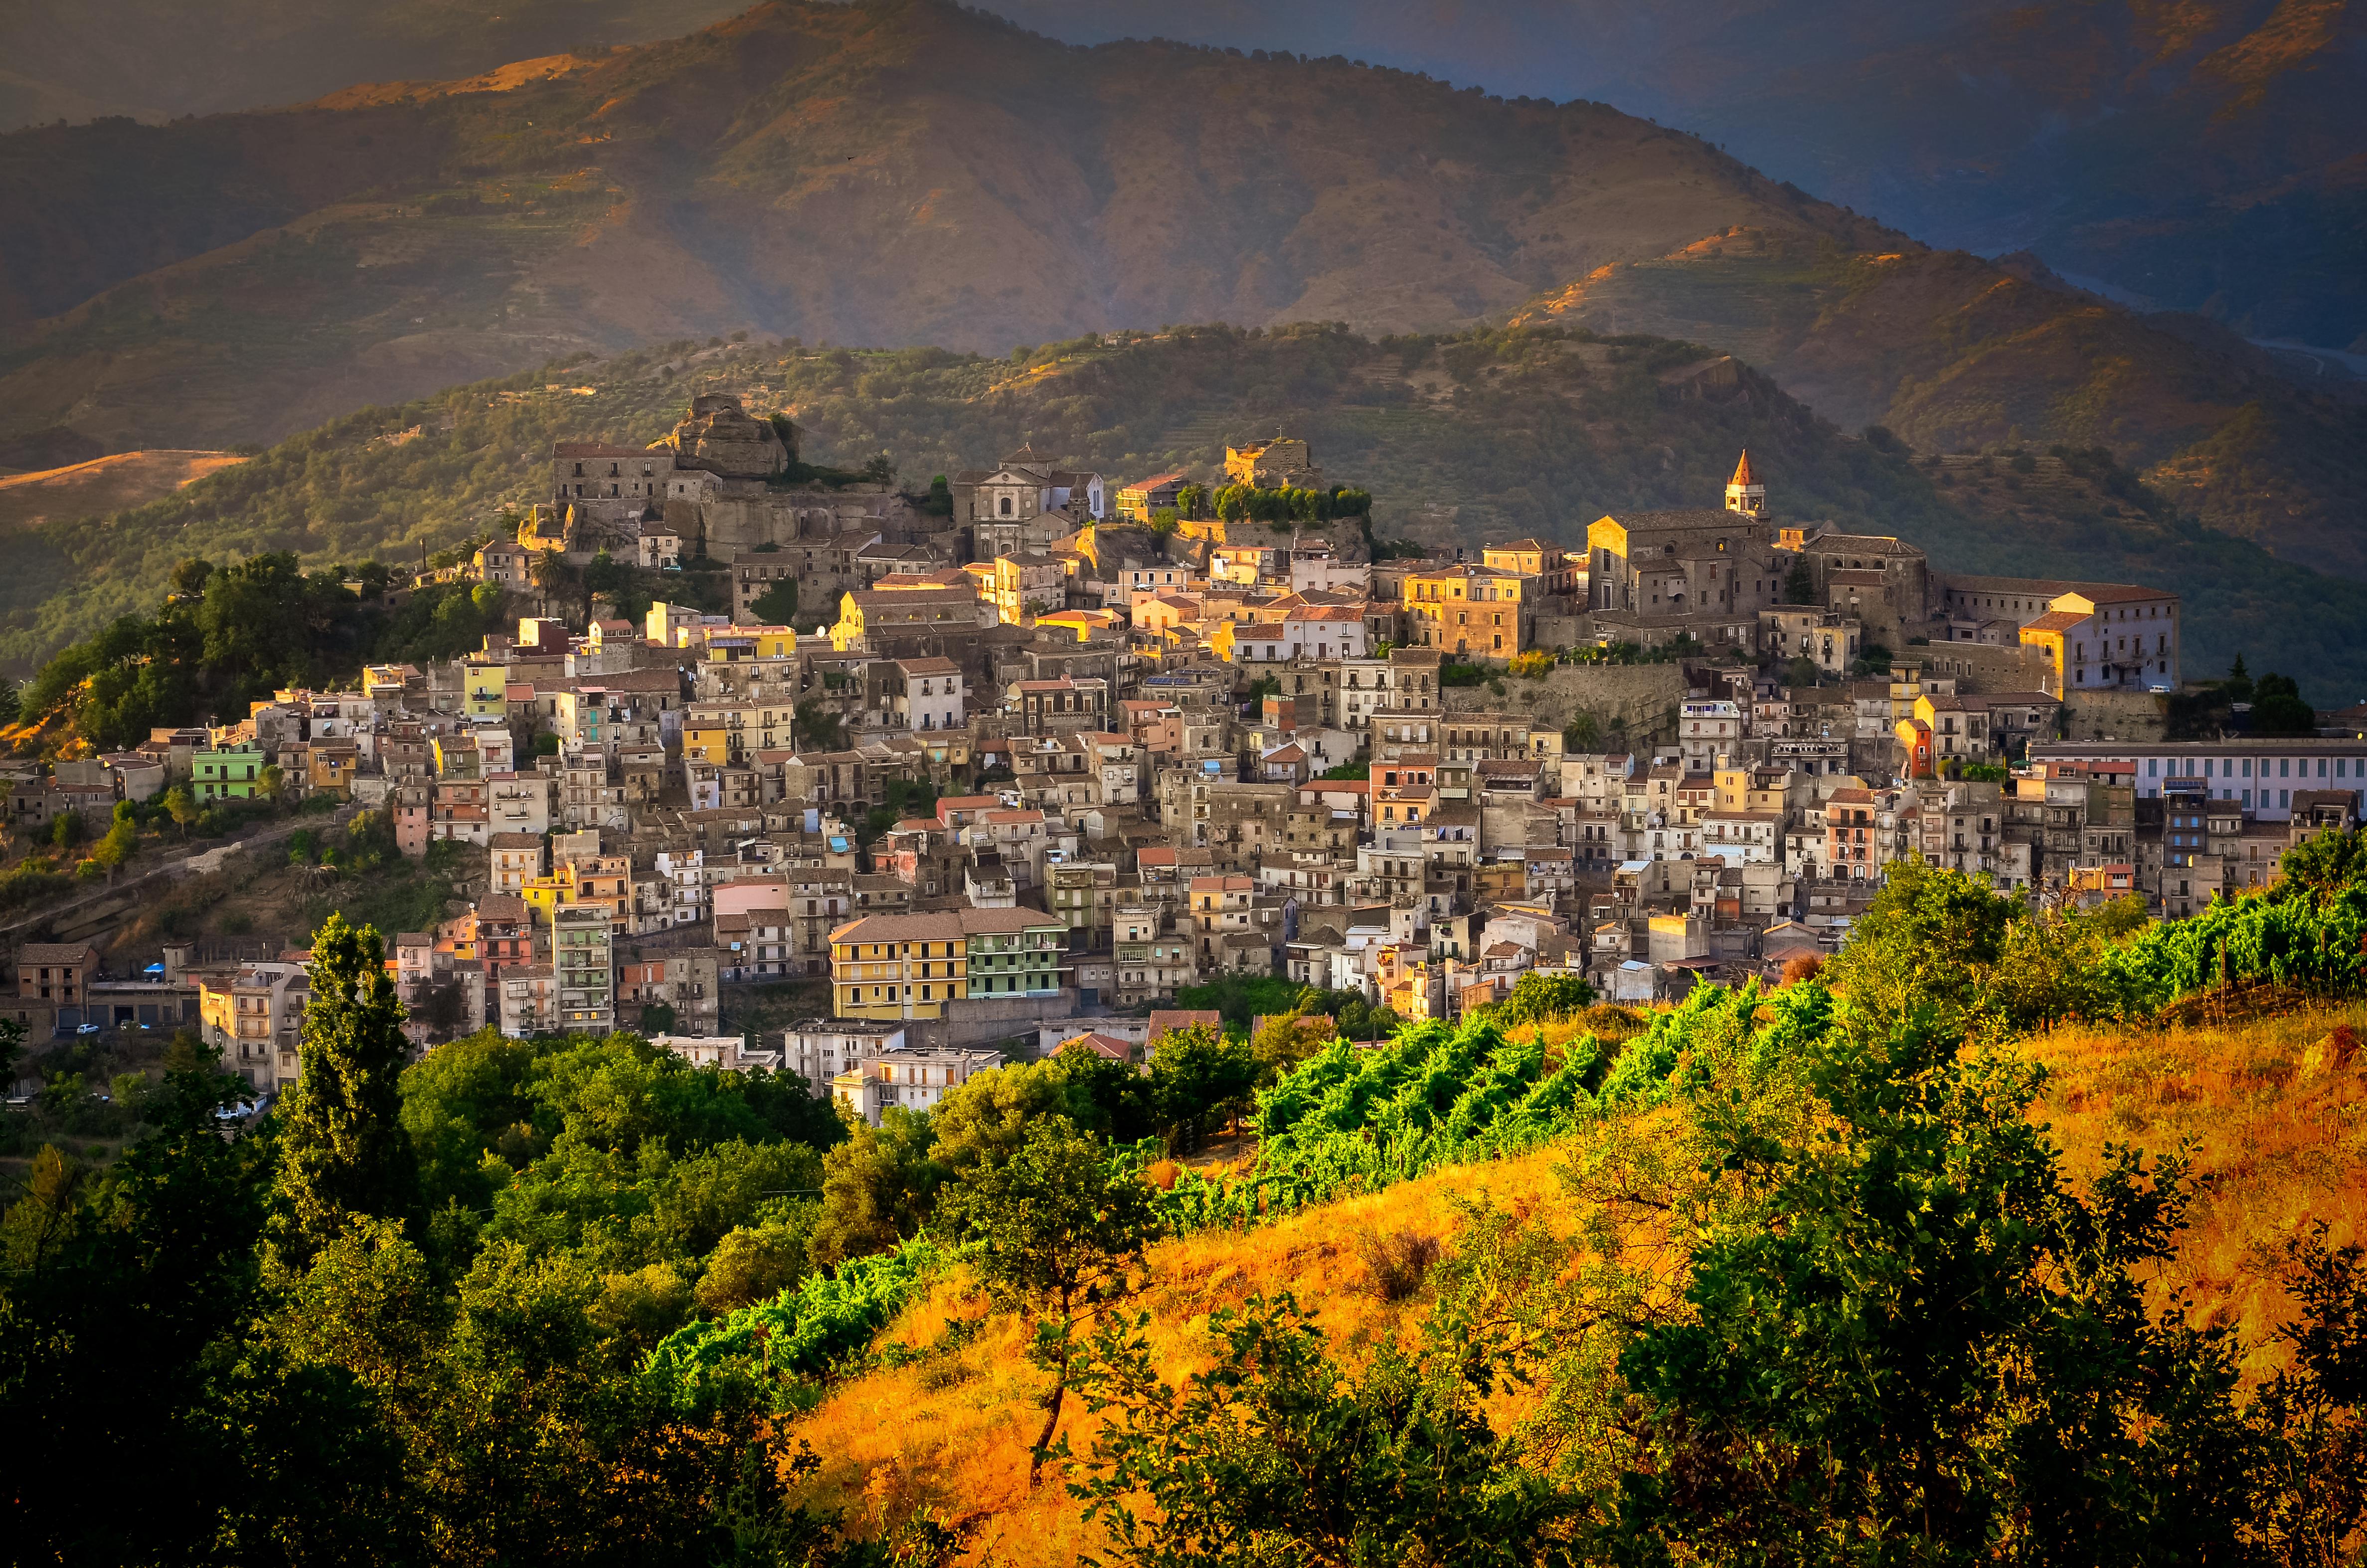 Localitatea italiană Castiglione di Sicilia vinde aproape 900 de case abandonate la preţuri pornind de la 1 euro